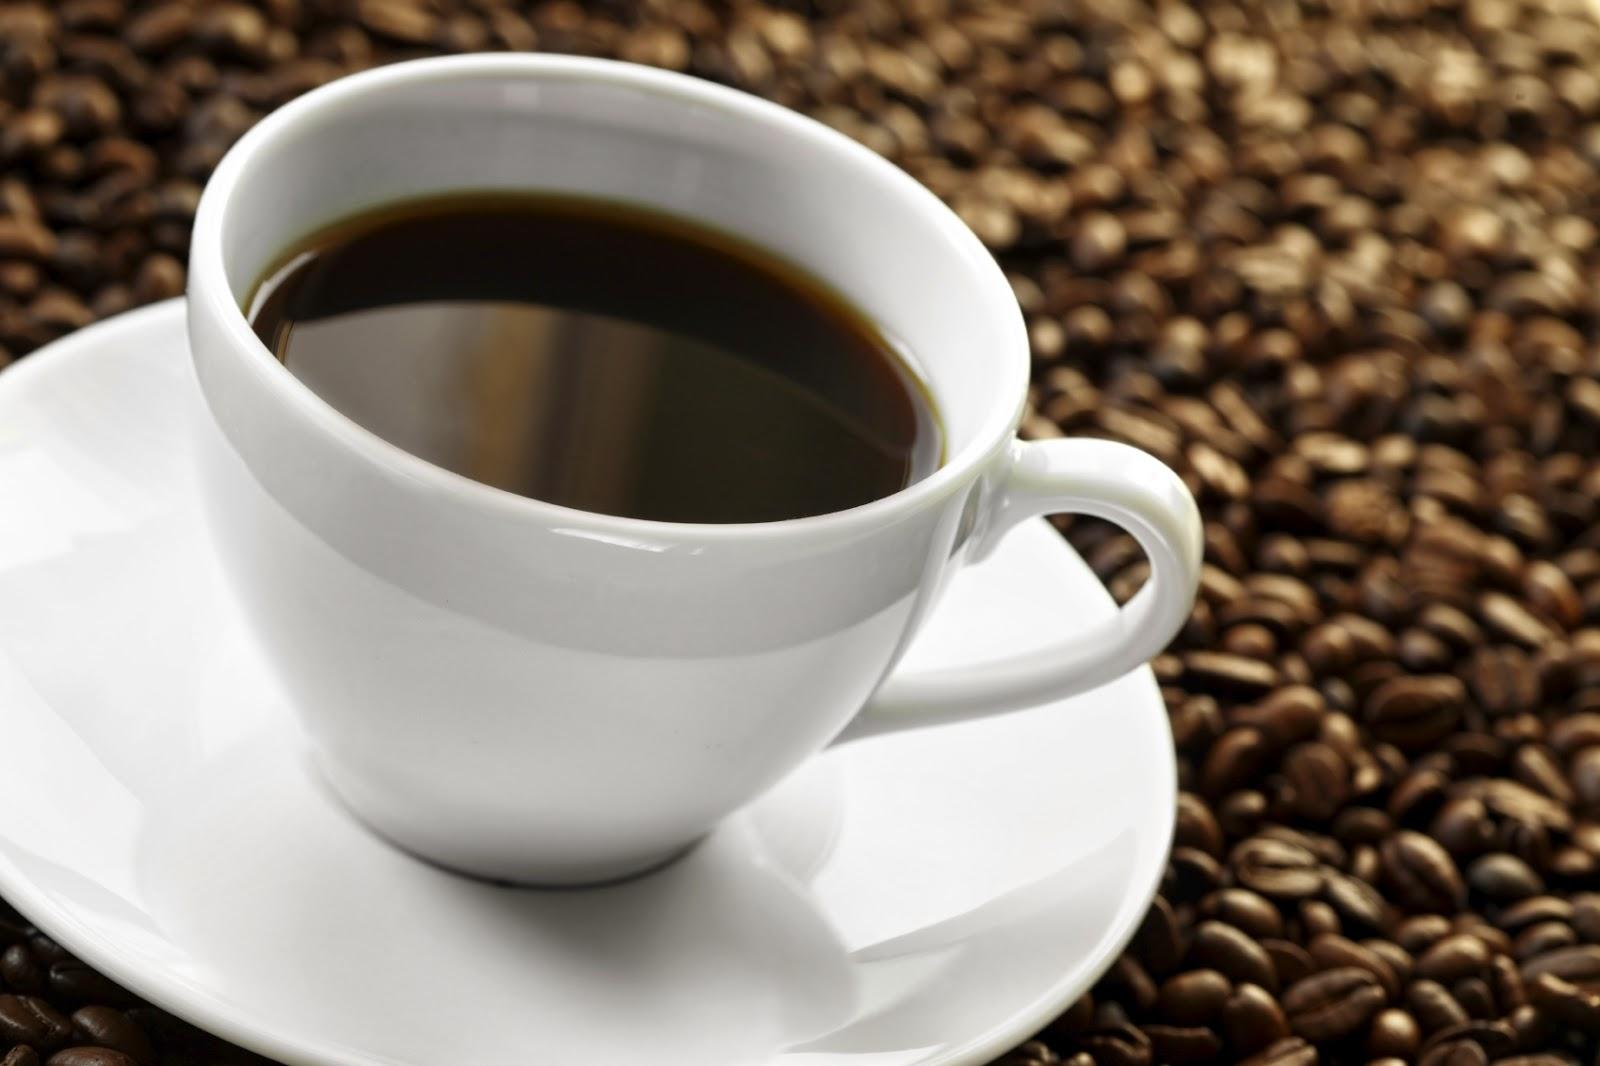 Cara membuat kopi tubruk,cara membuat kopi hitam yang enak